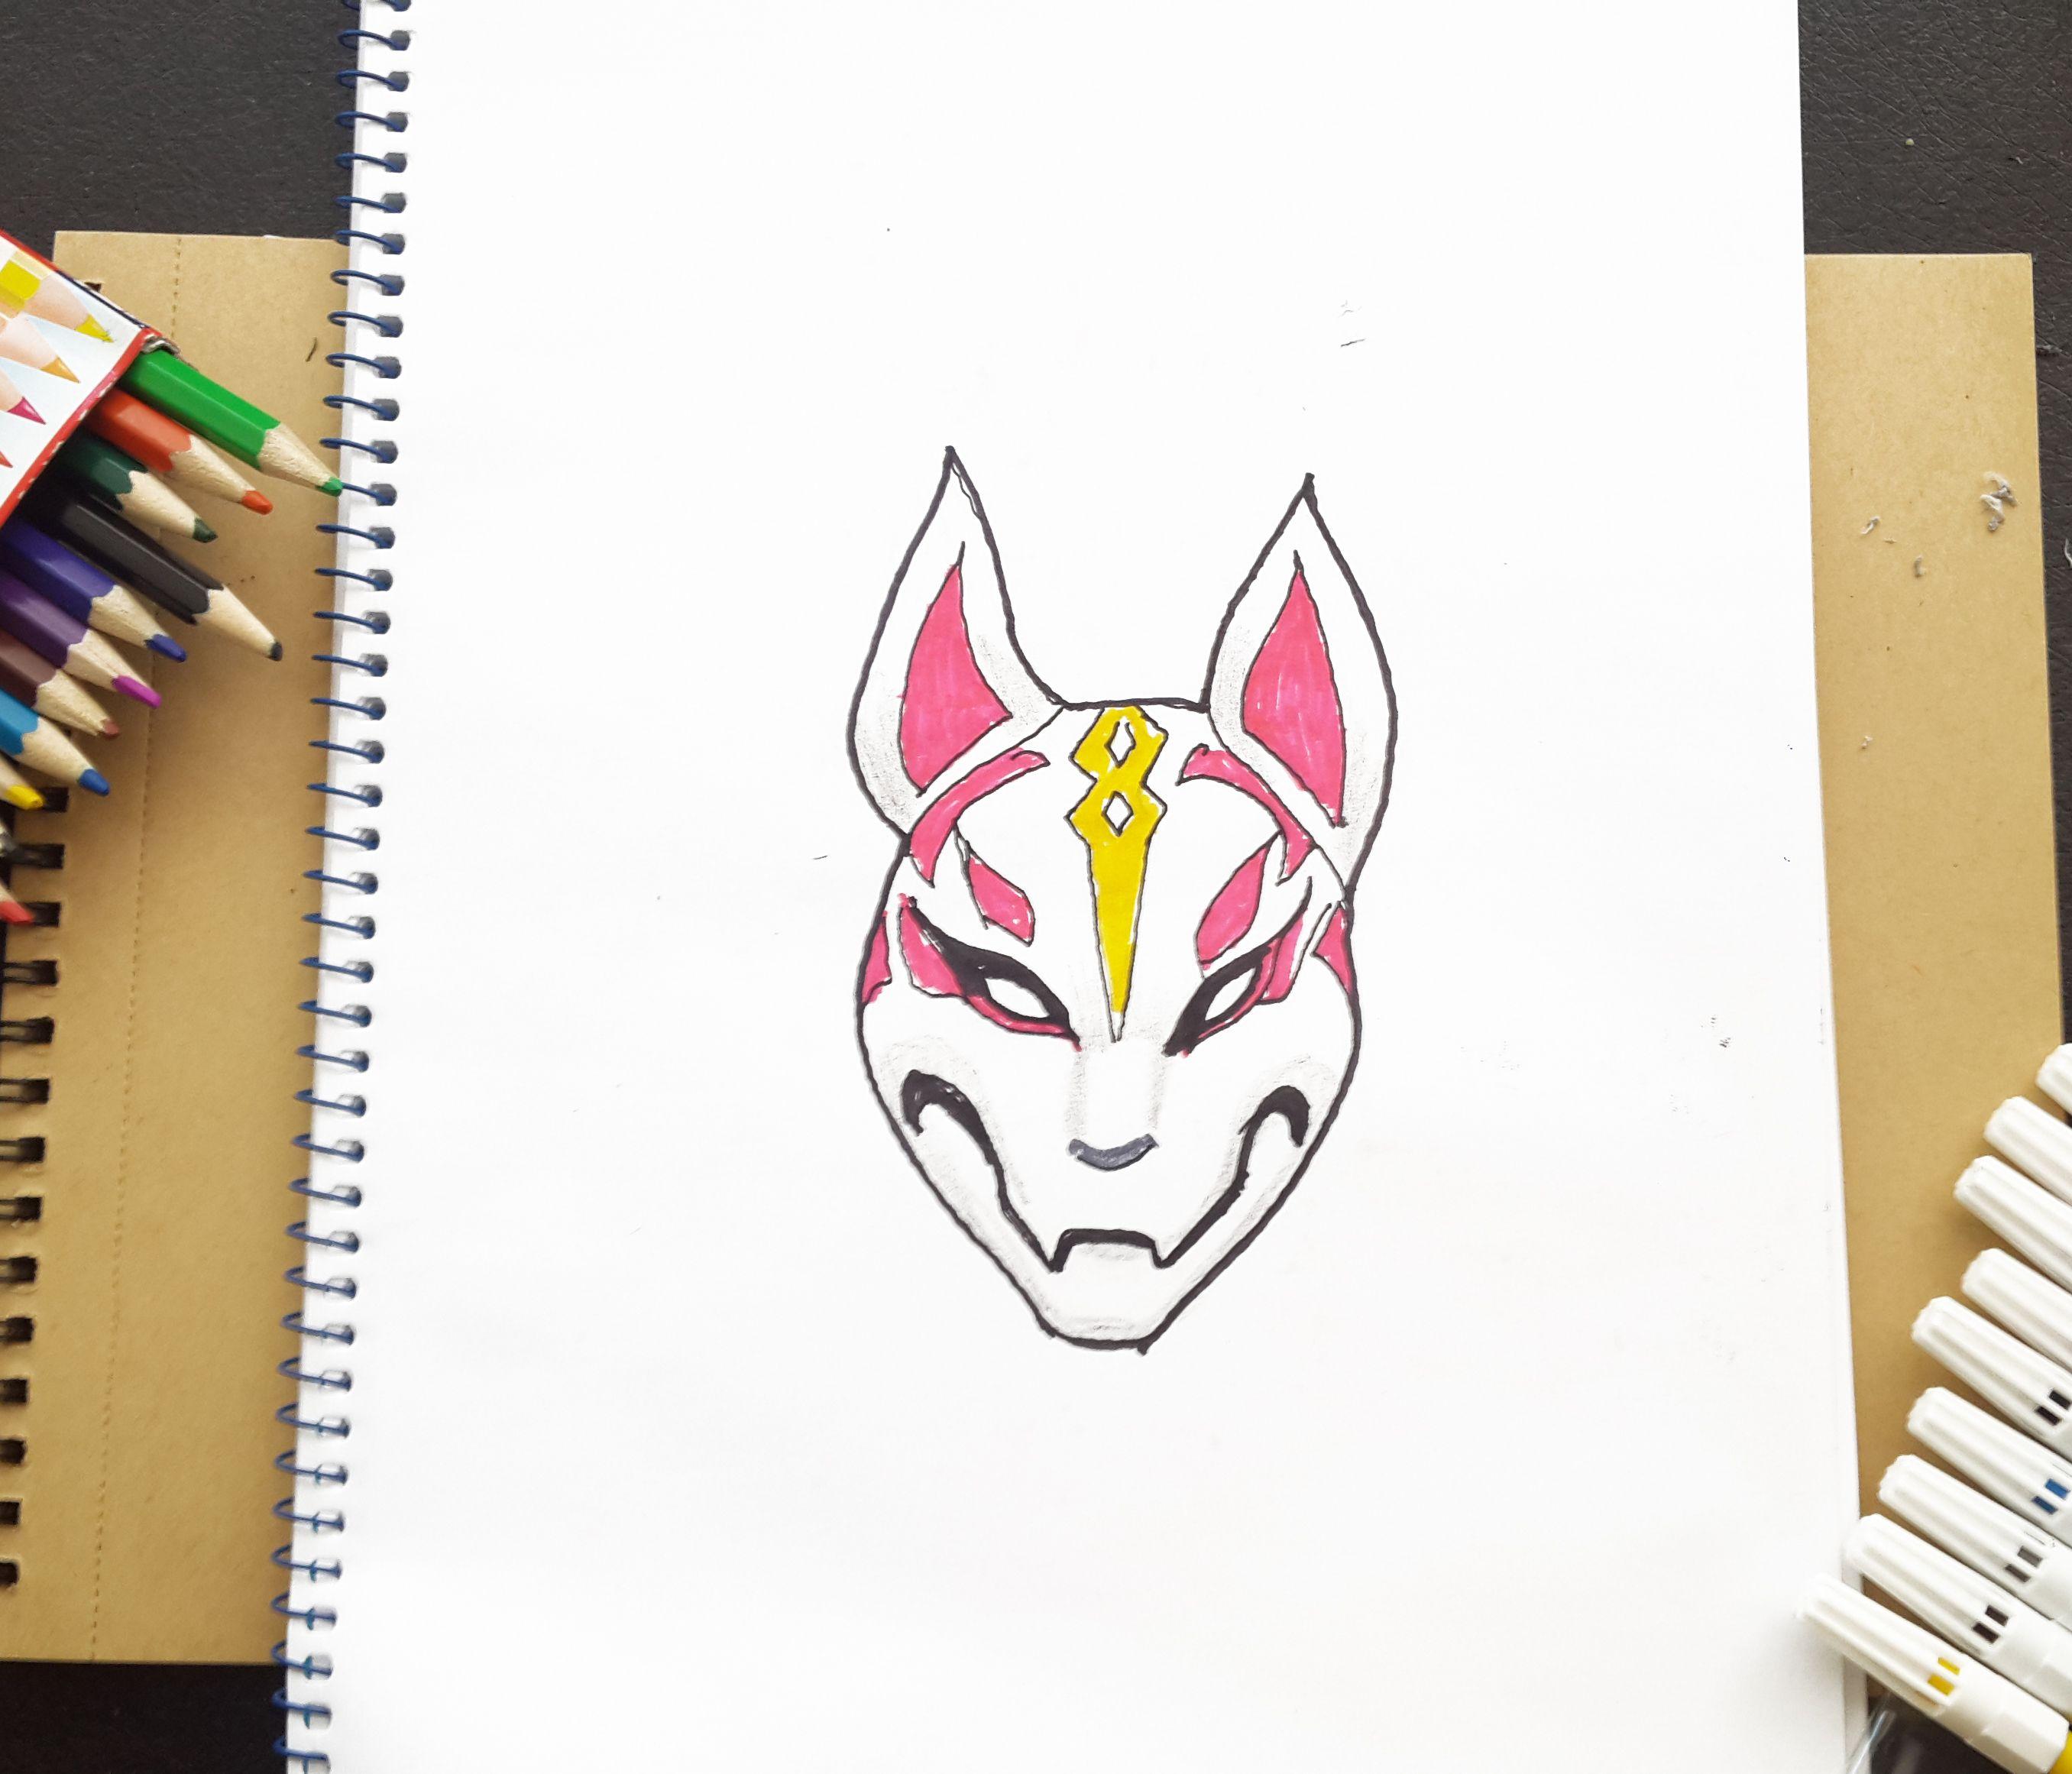 Drift Fortnite How To Draw Drift S Mask From Fortnite